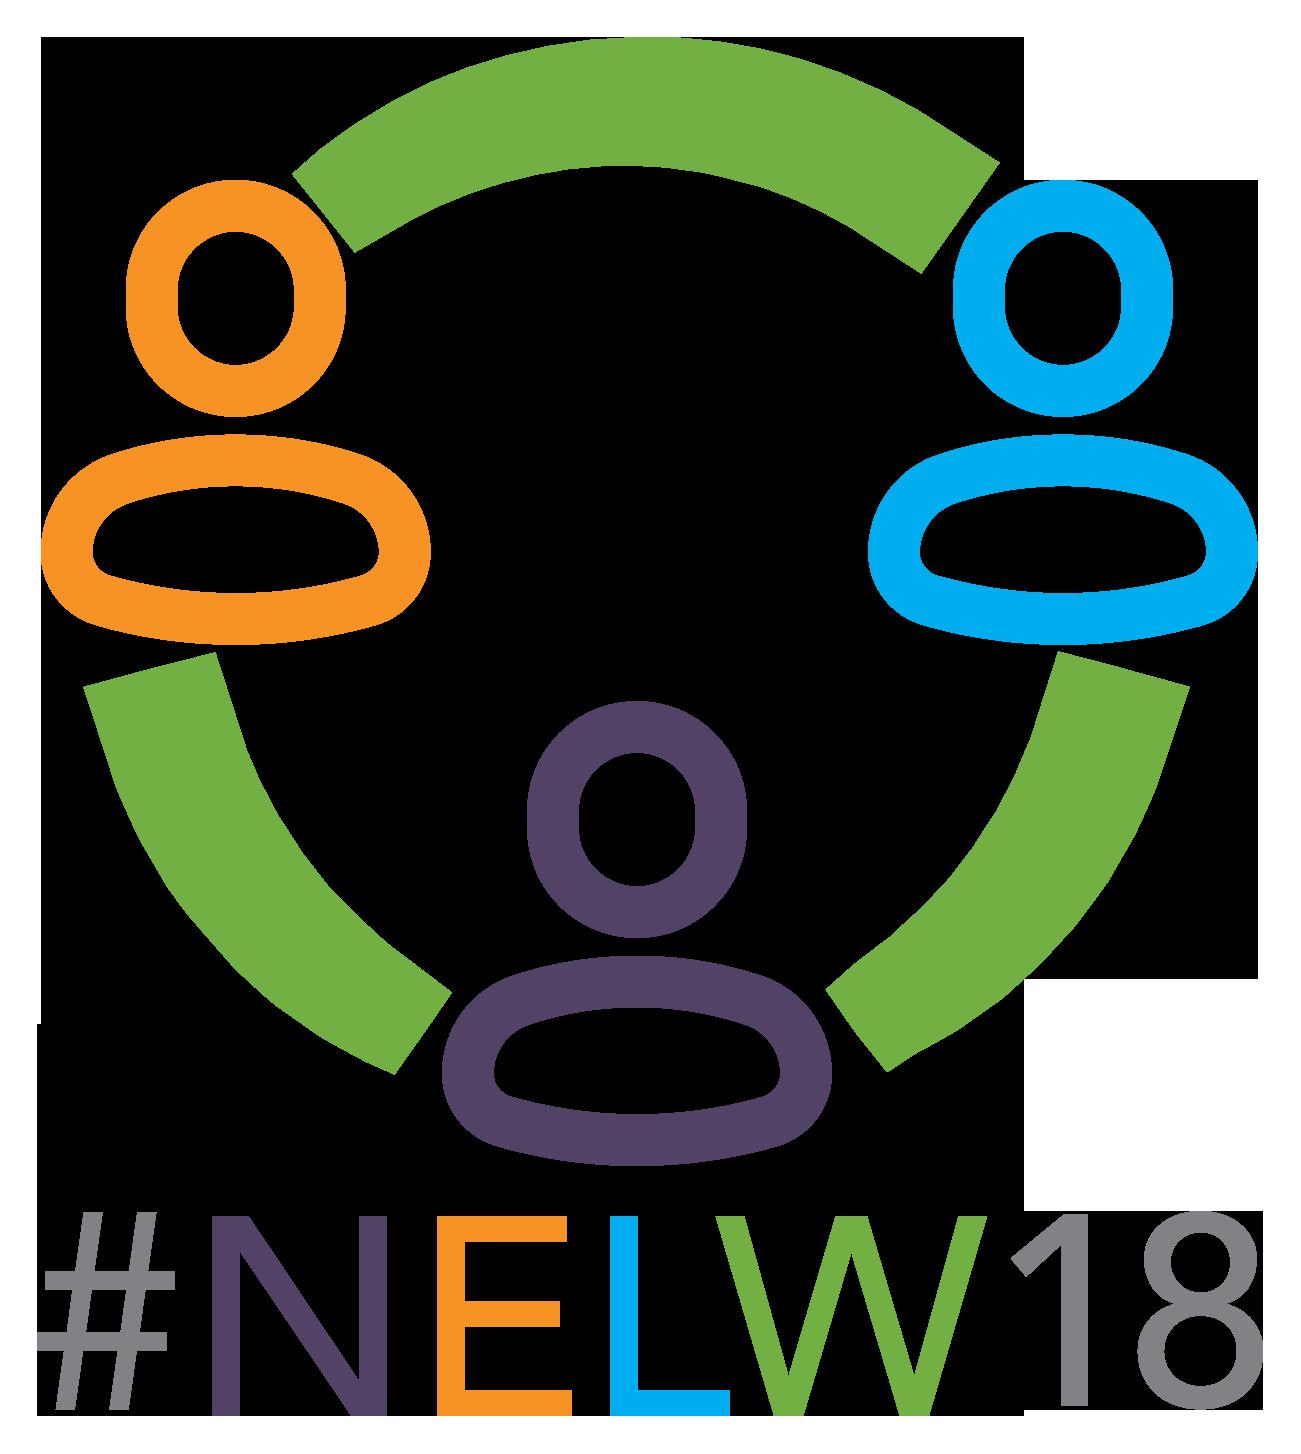 #NELW18